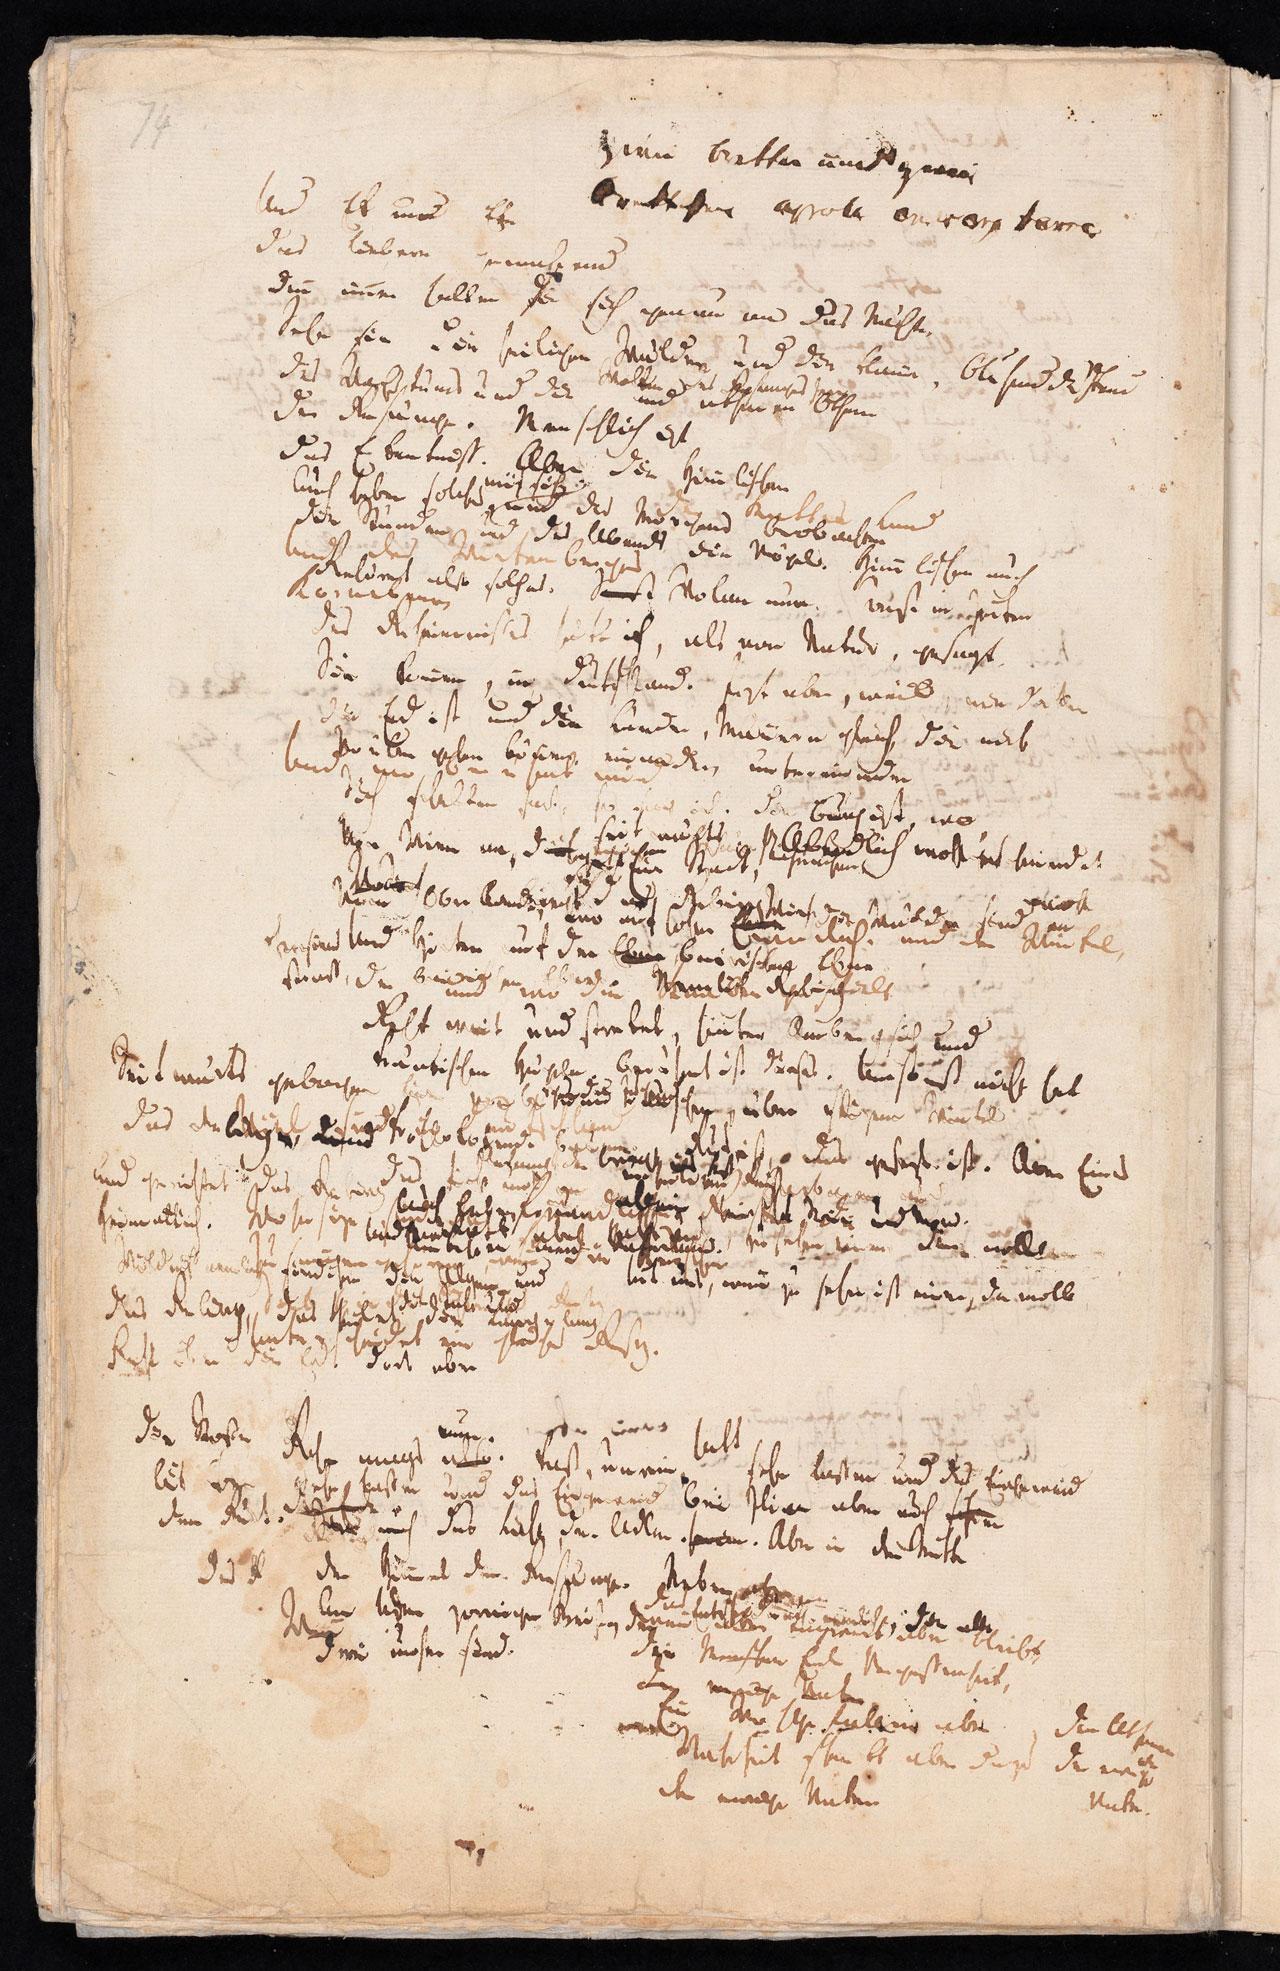 Friedrich Hölderlin, Homburger Folioheft, Seite 74, Und Ek um Eke…, Handschrift